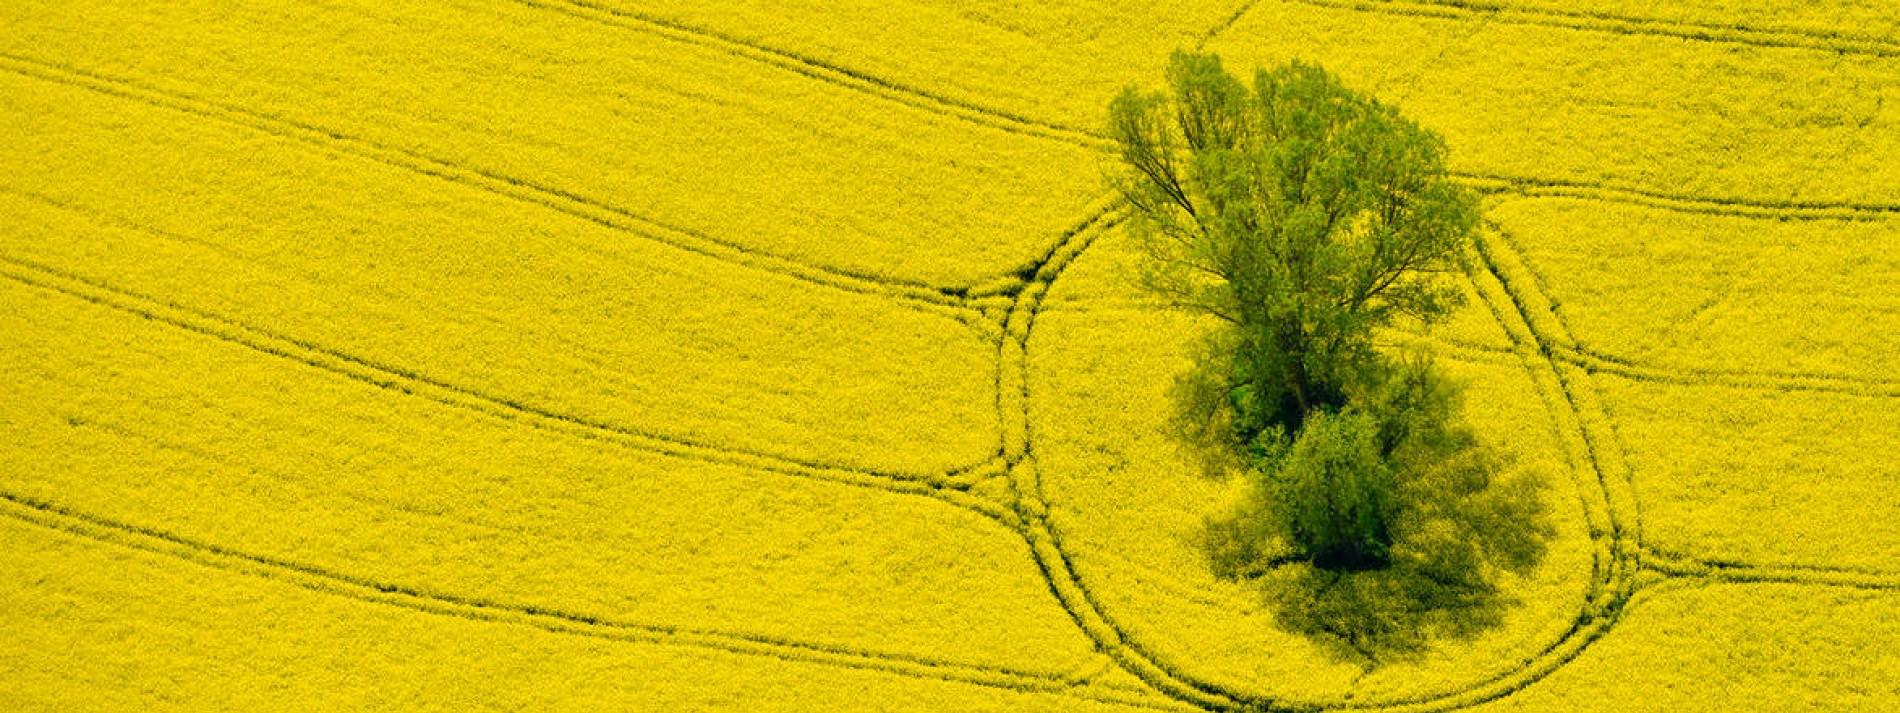 Biosprit macht Menschen hungrig